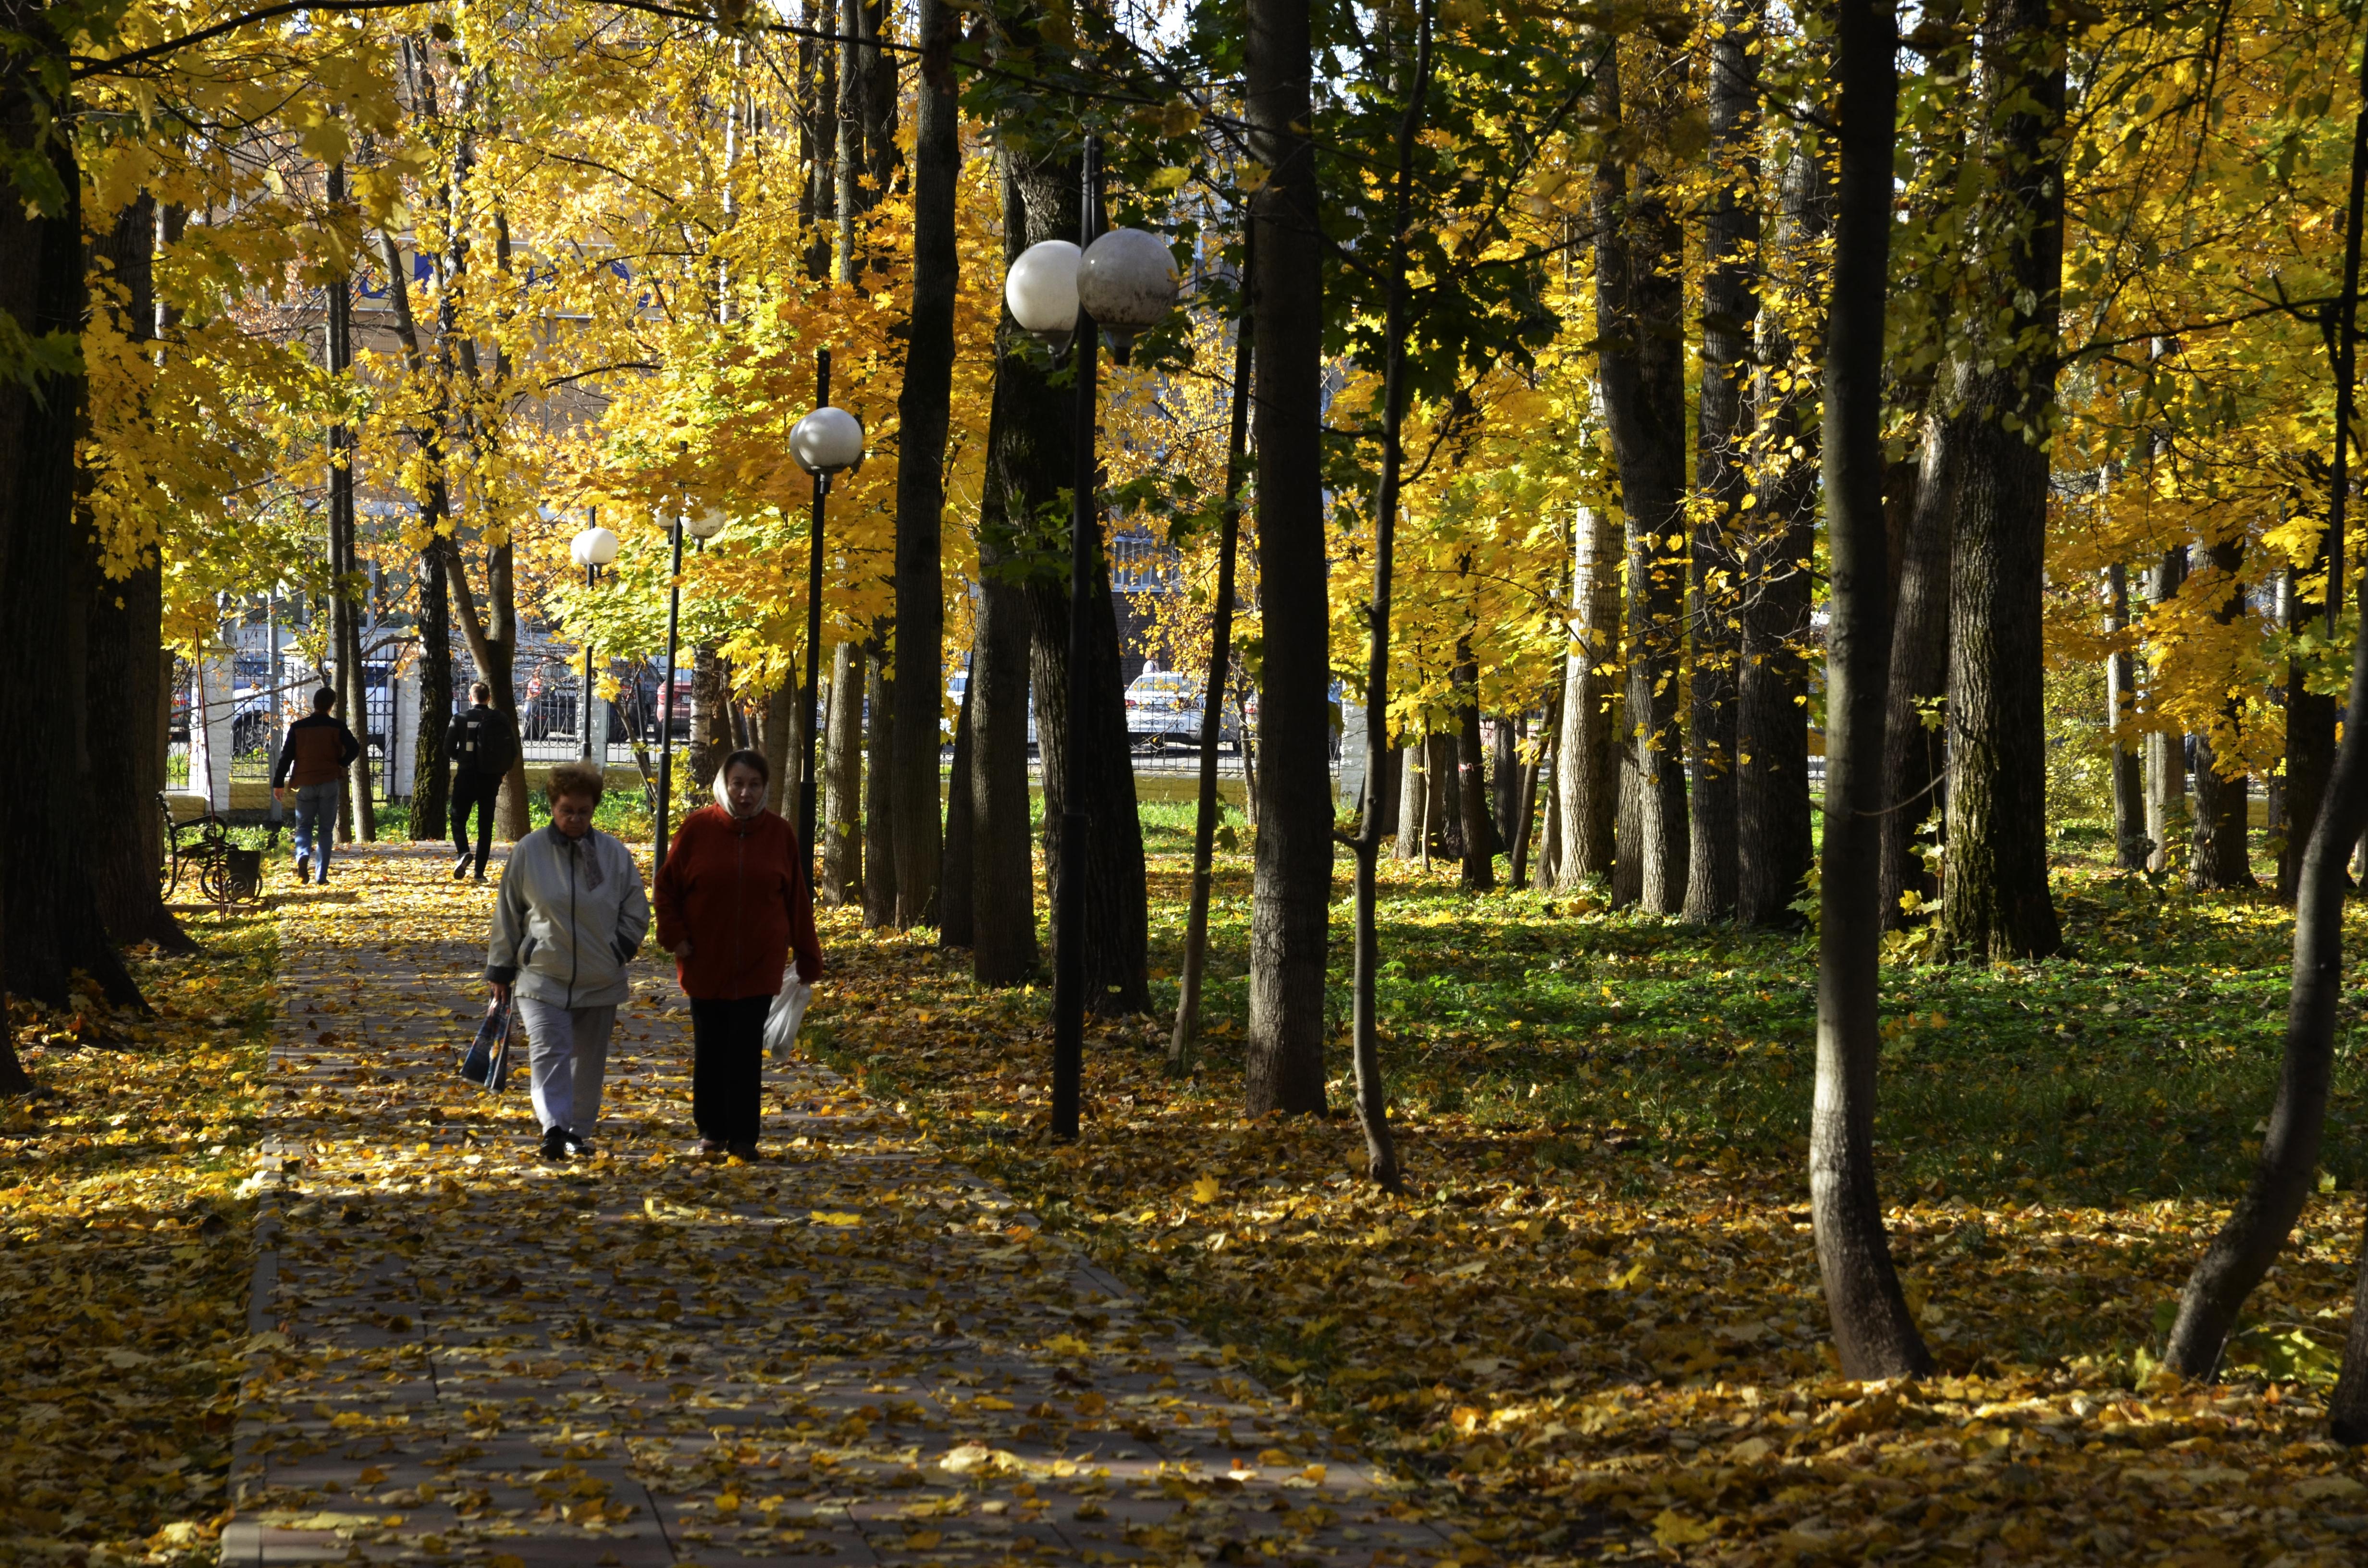 Москвичей предупредили об облачной погоде. Фото: Анна Быкова